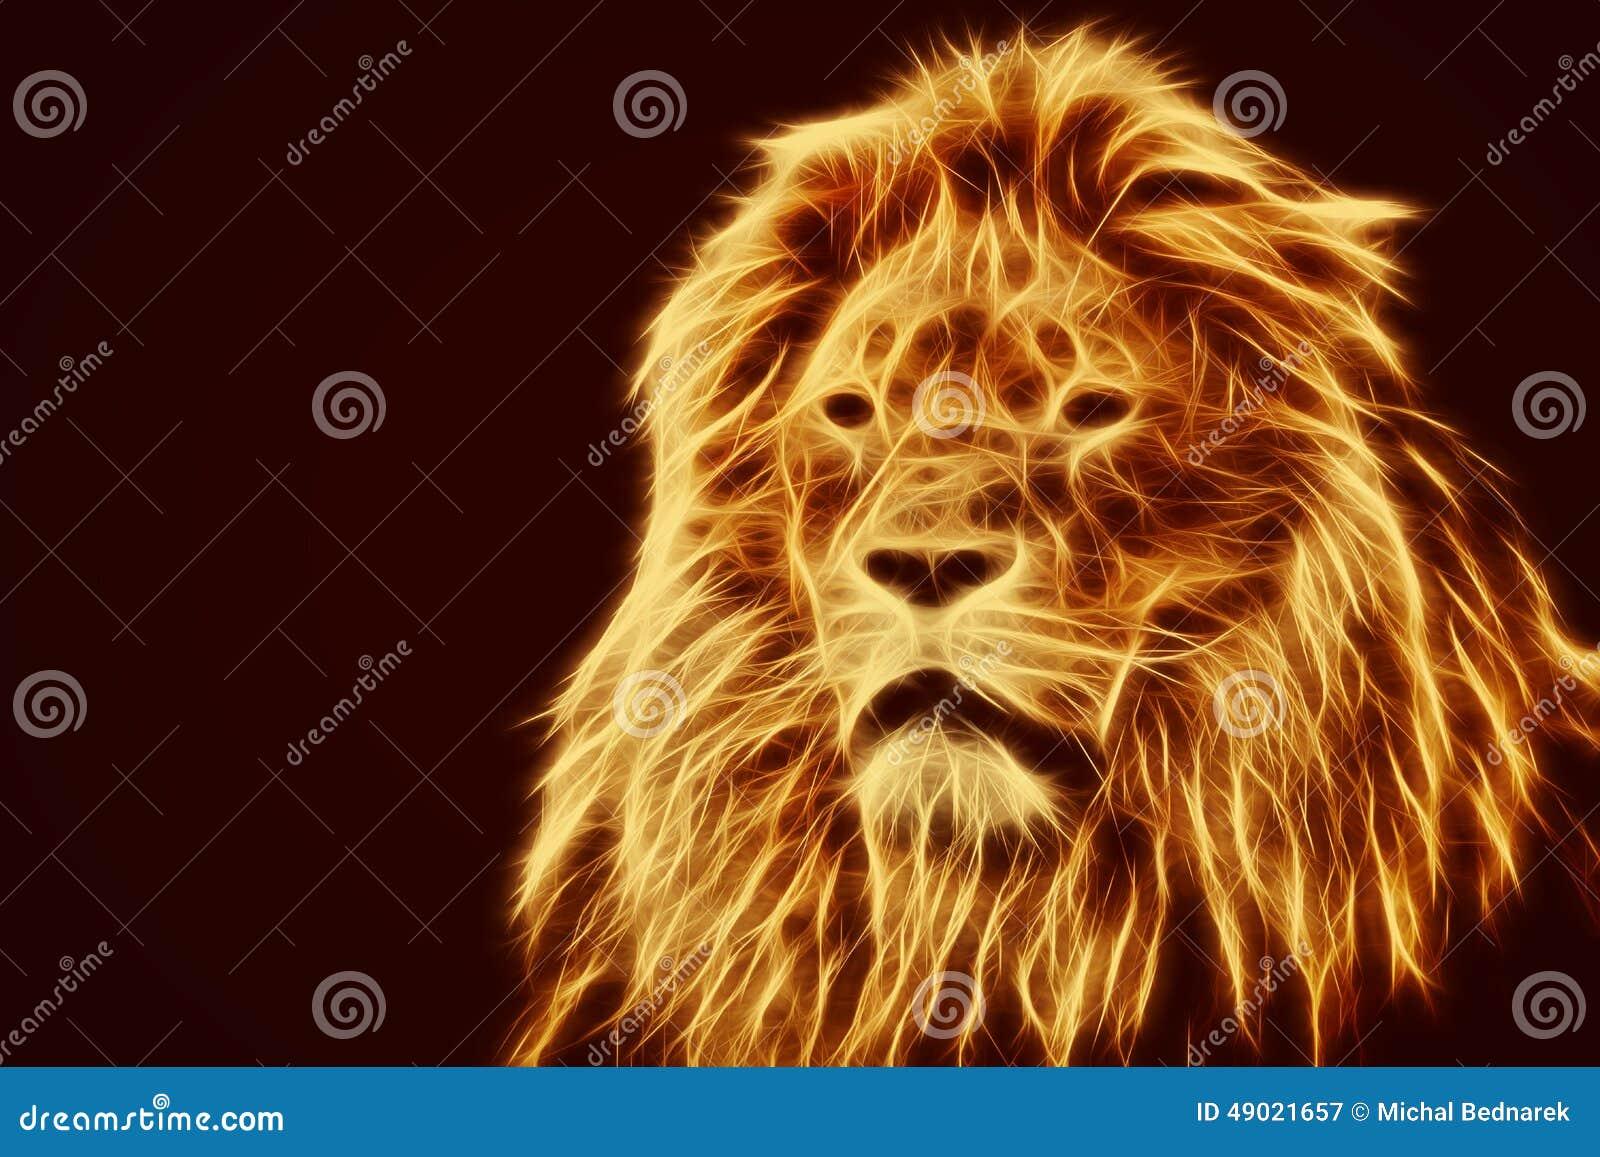 Ritratto astratto e artistico del leone Il fuoco fiammeggia la pelliccia